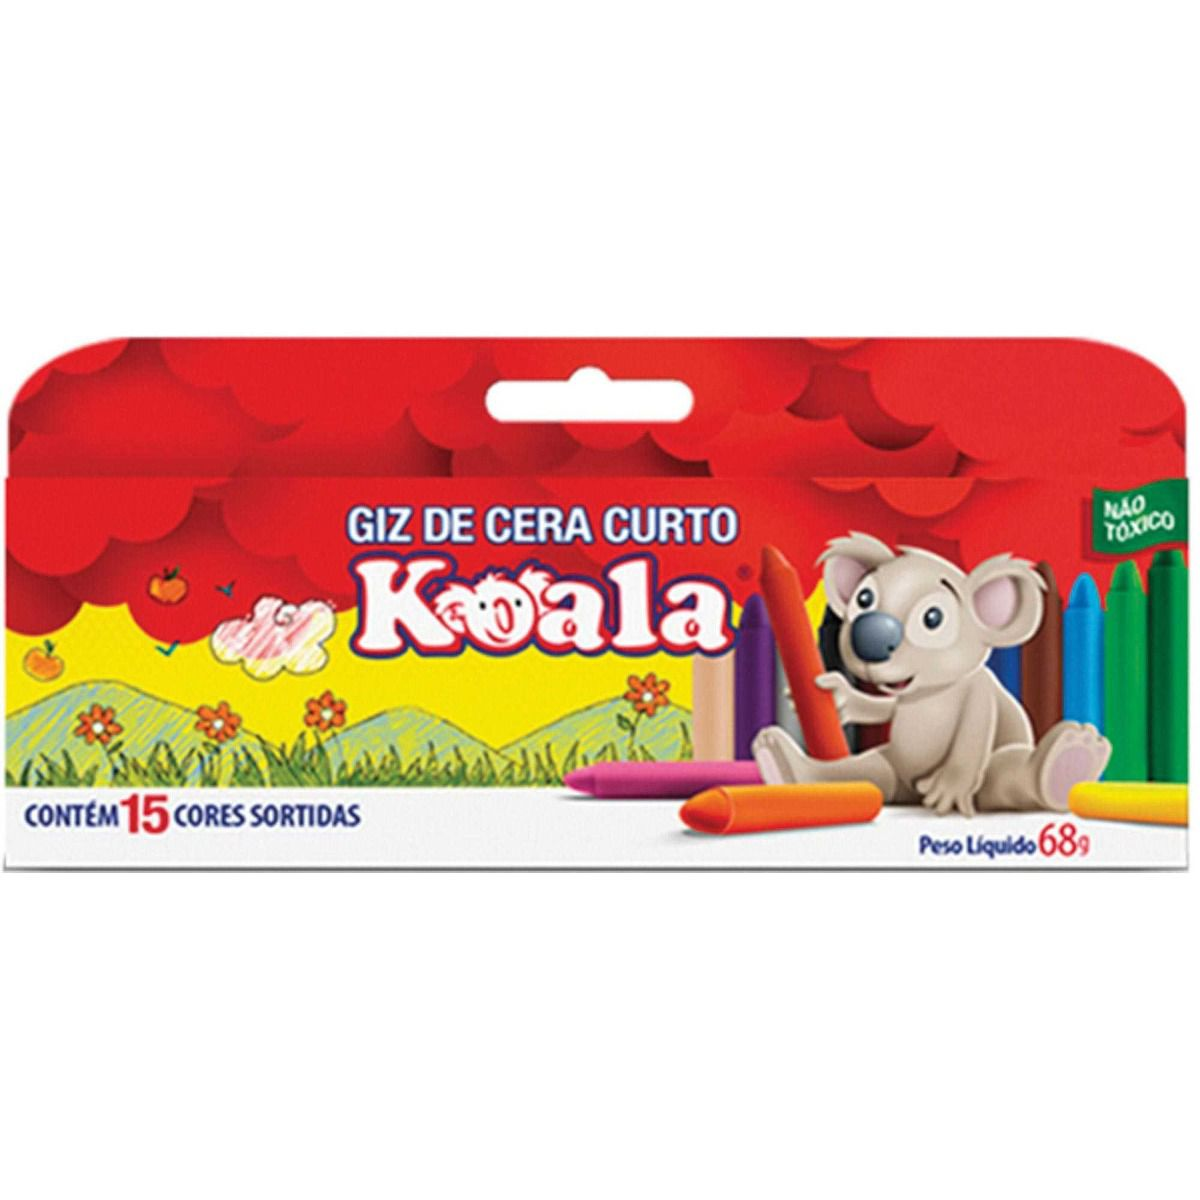 Giz de Cera Curto 15 Cores - Koala